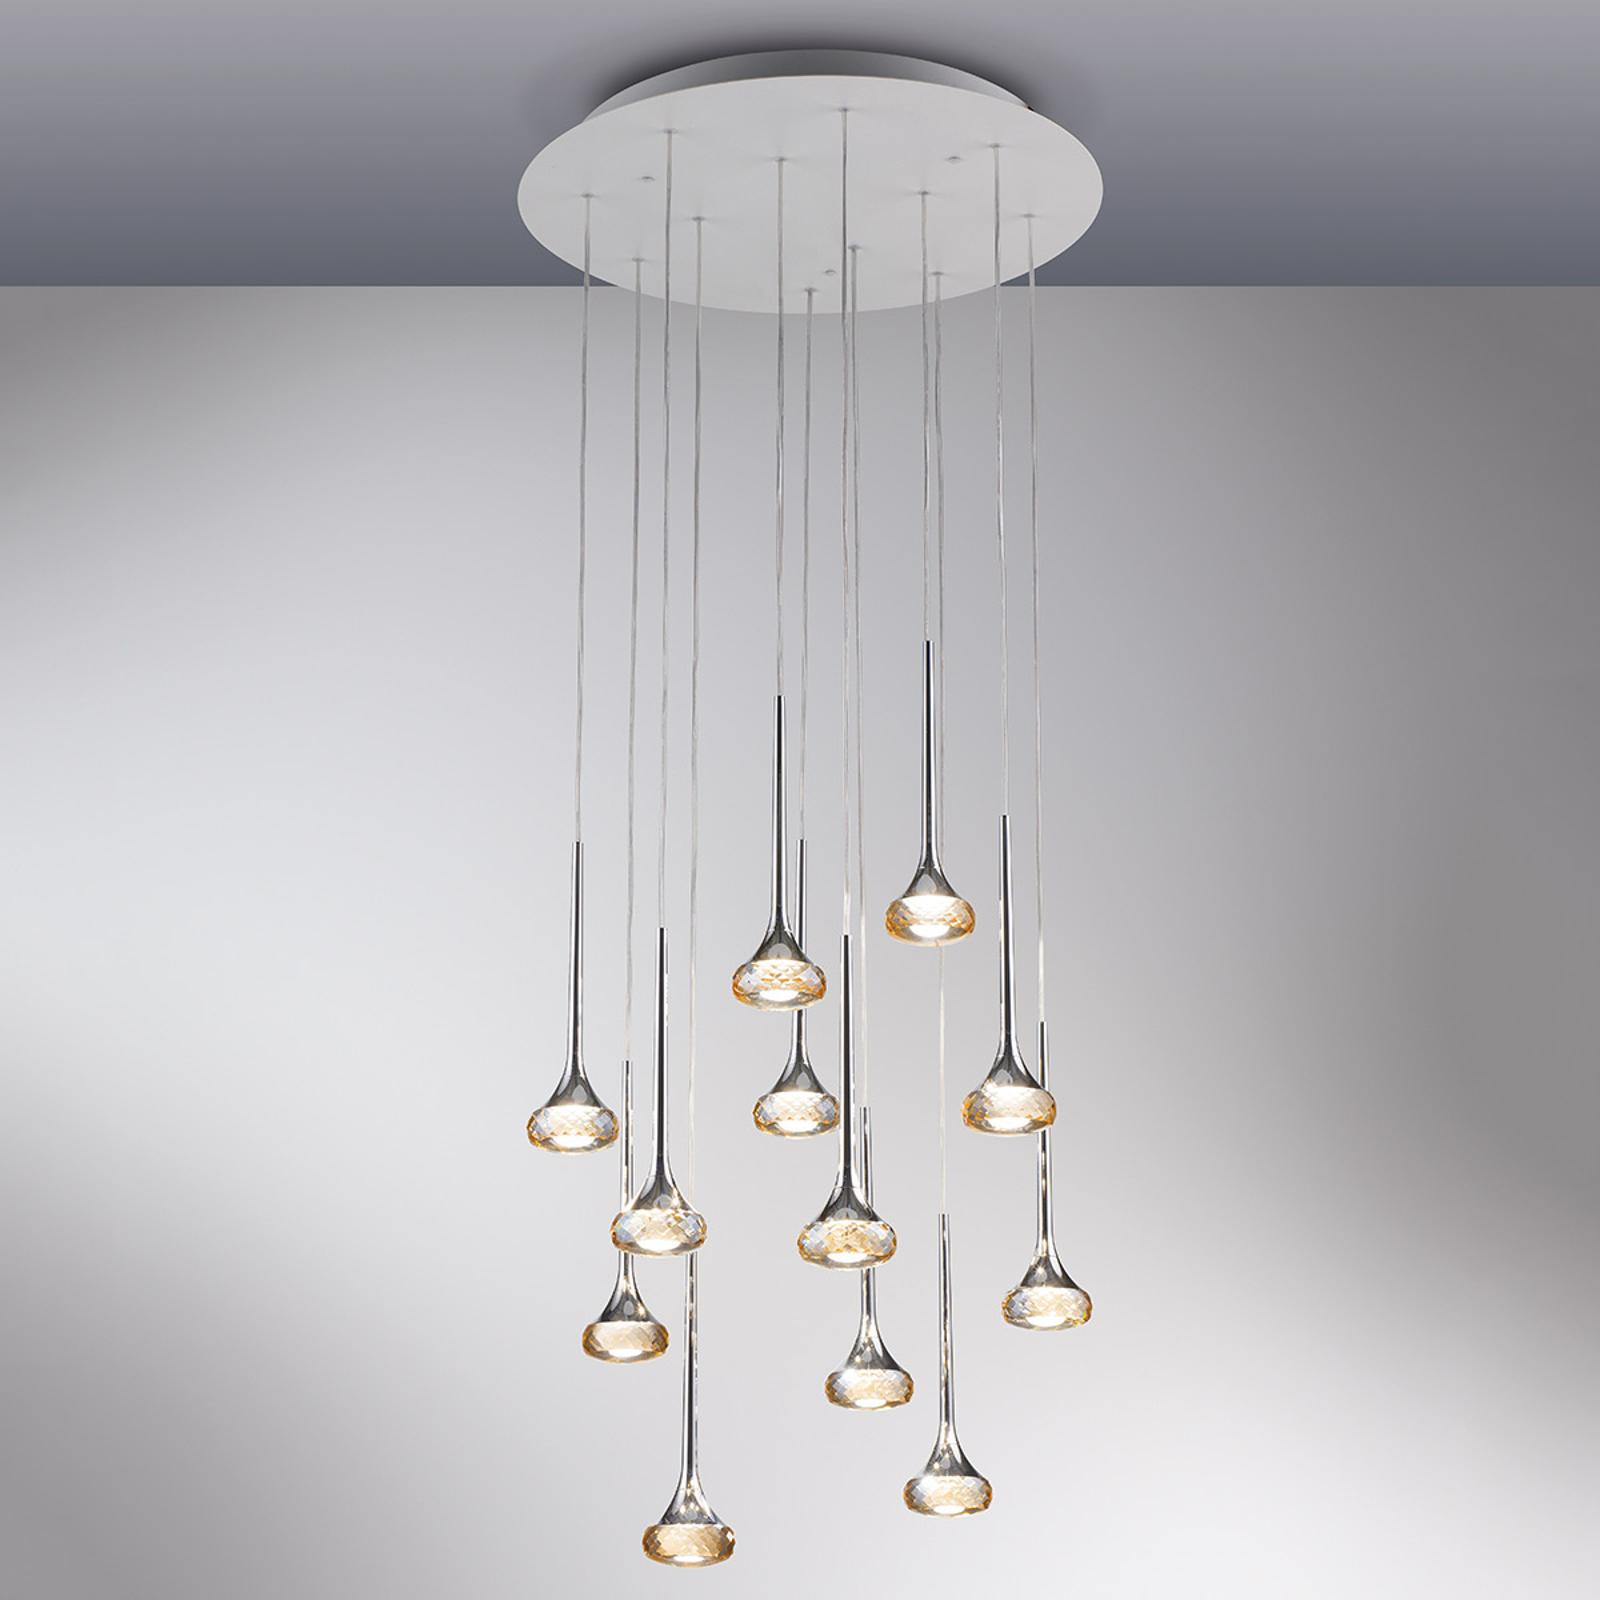 LED-hængelampen Fairy, rav, 12 lyskilder